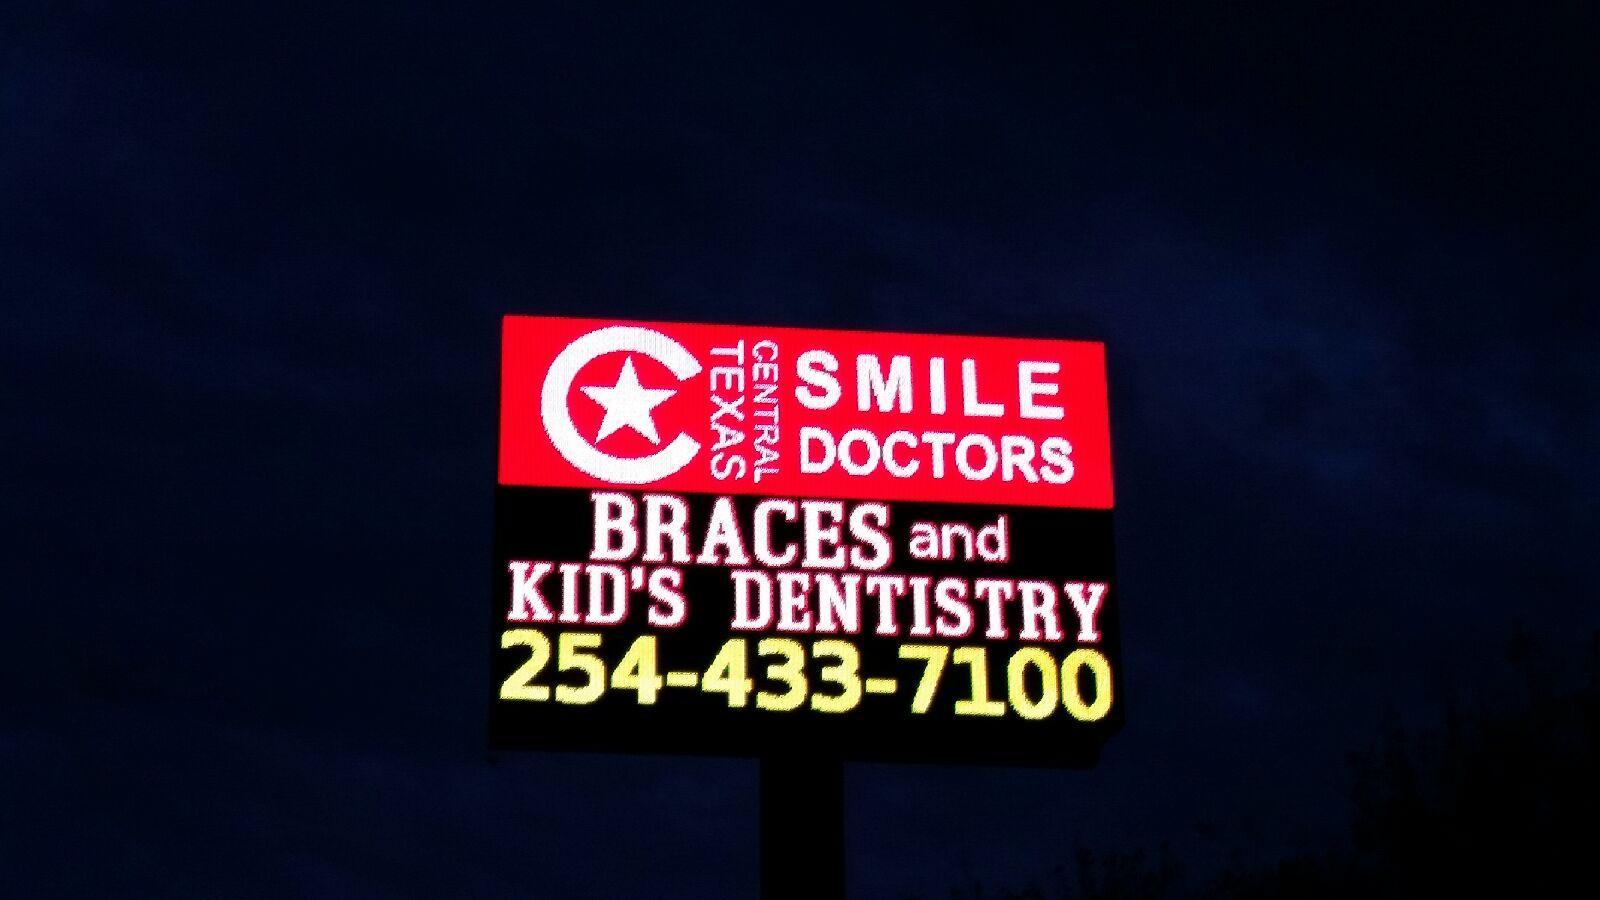 Smile Doctors - LED Digital Sign